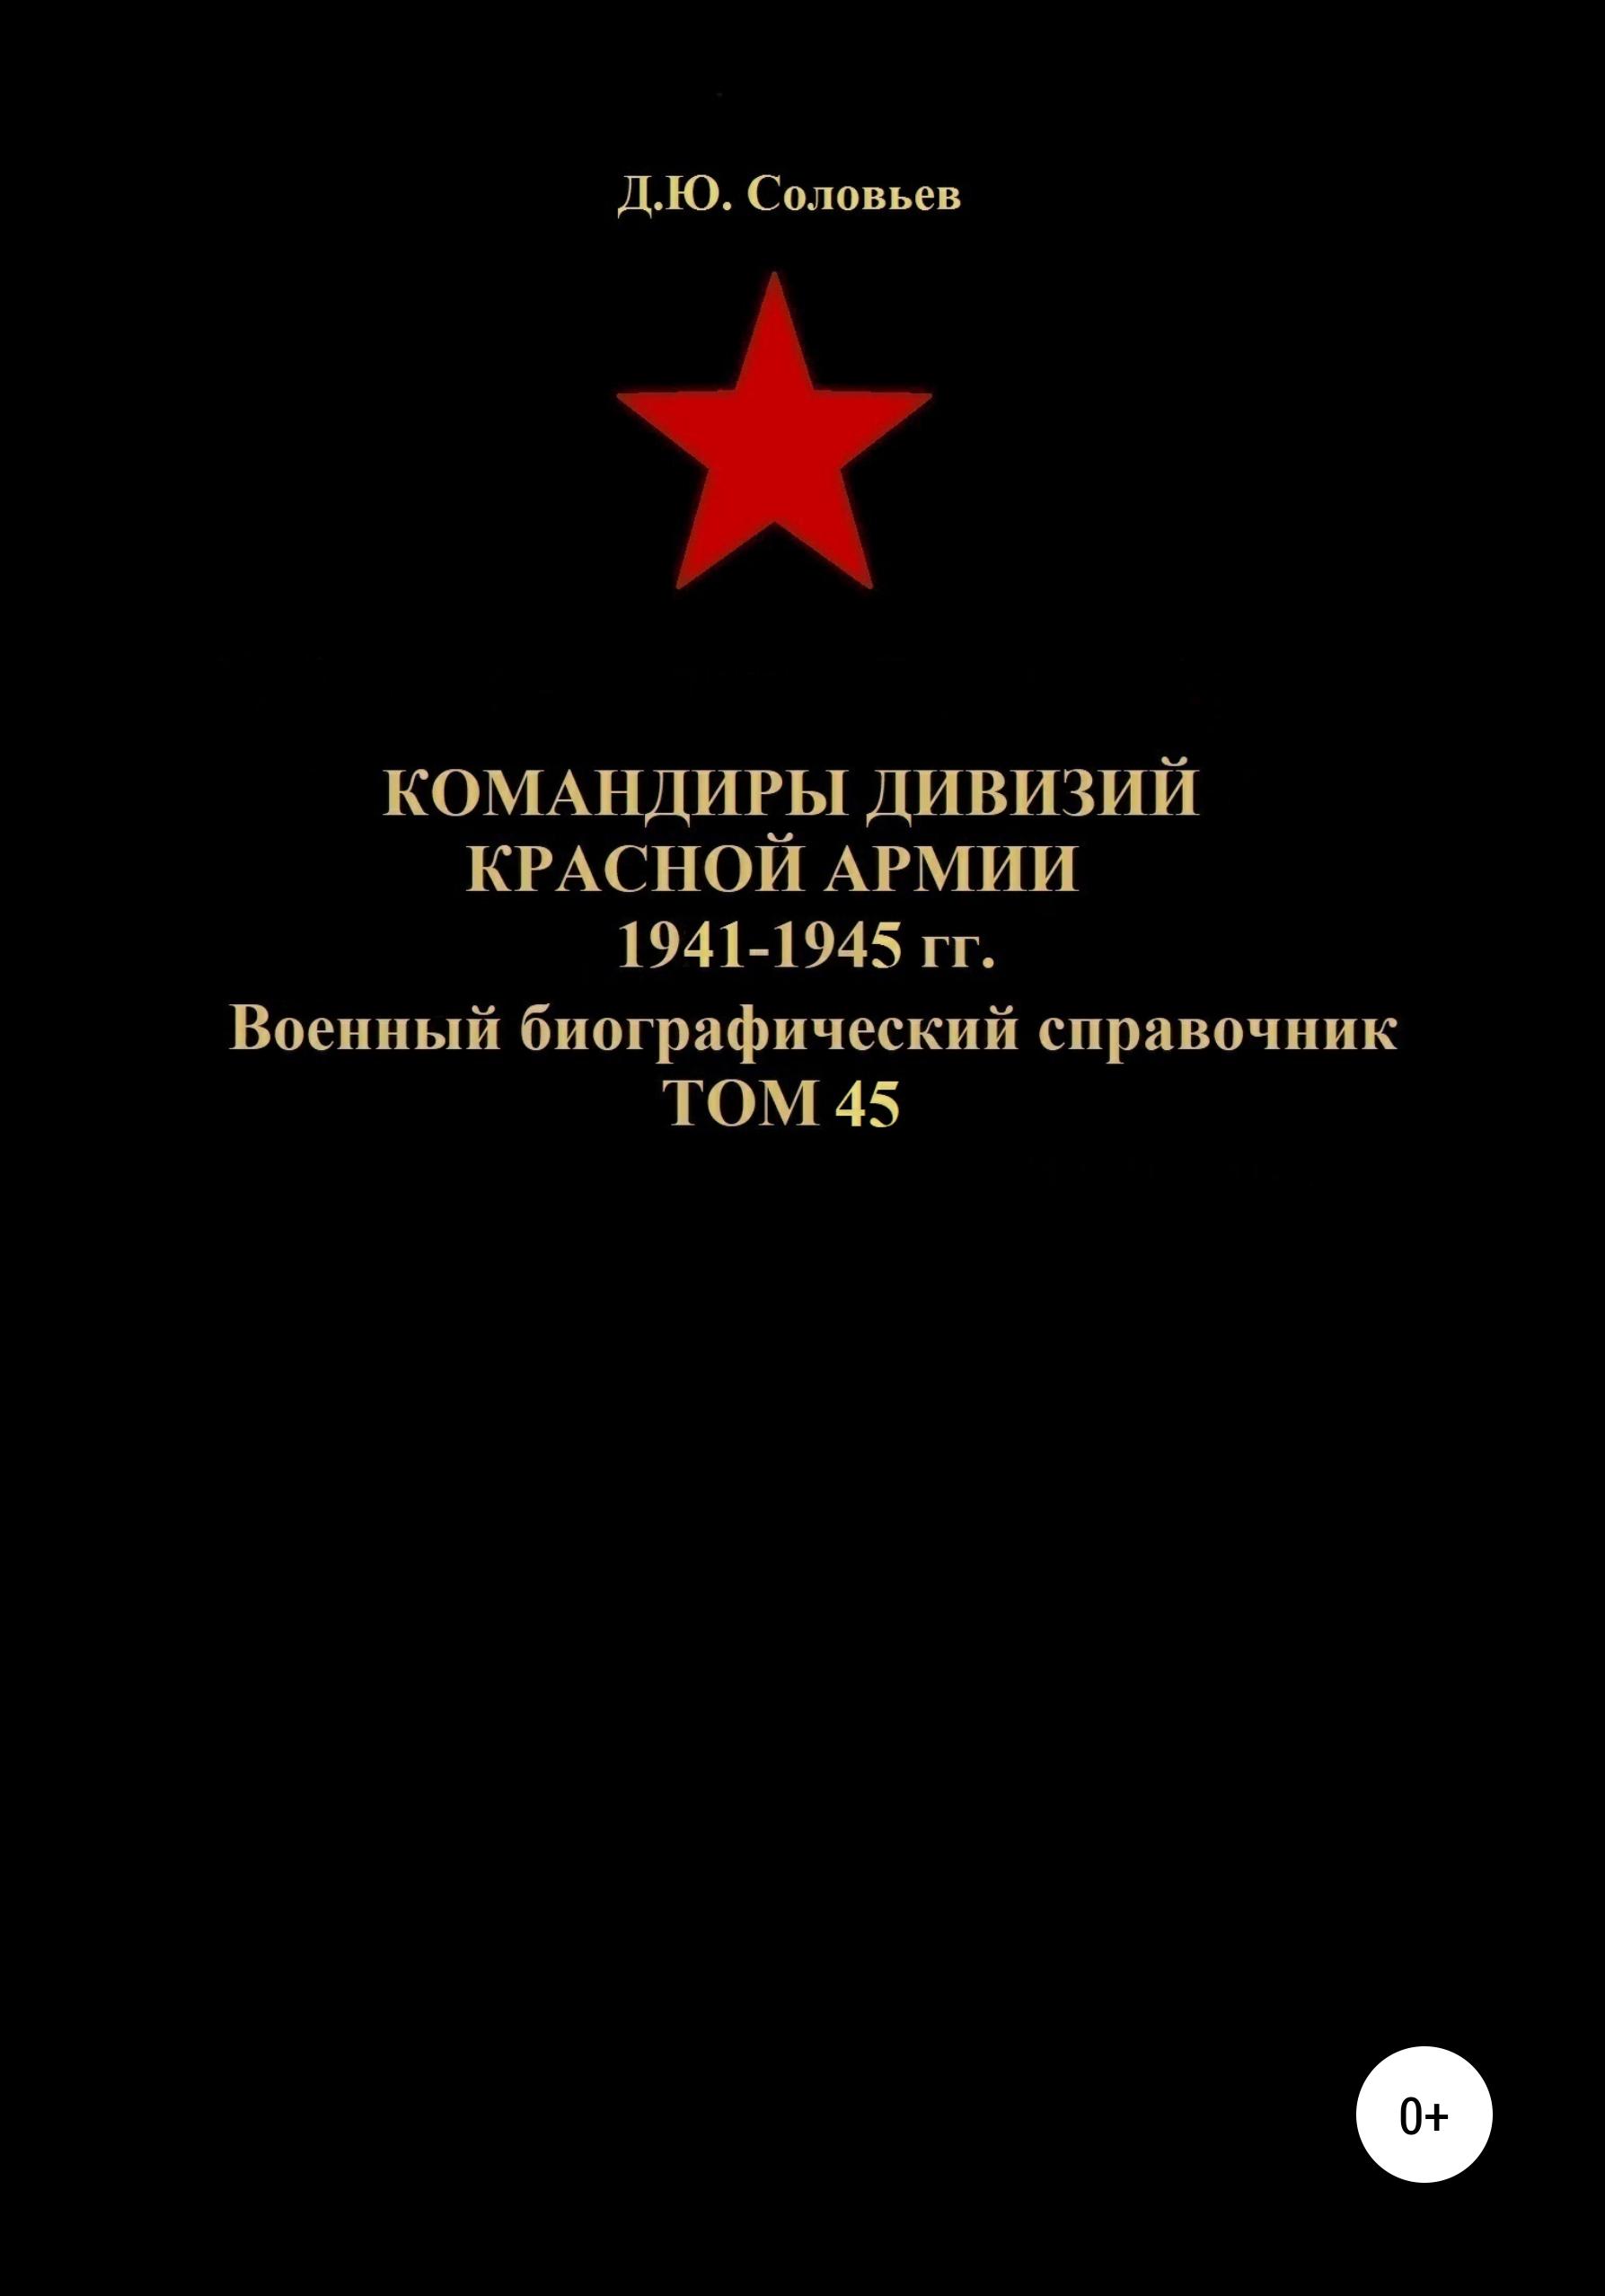 Командиры дивизий Красной Армии 1941-1945 гг. Том 45